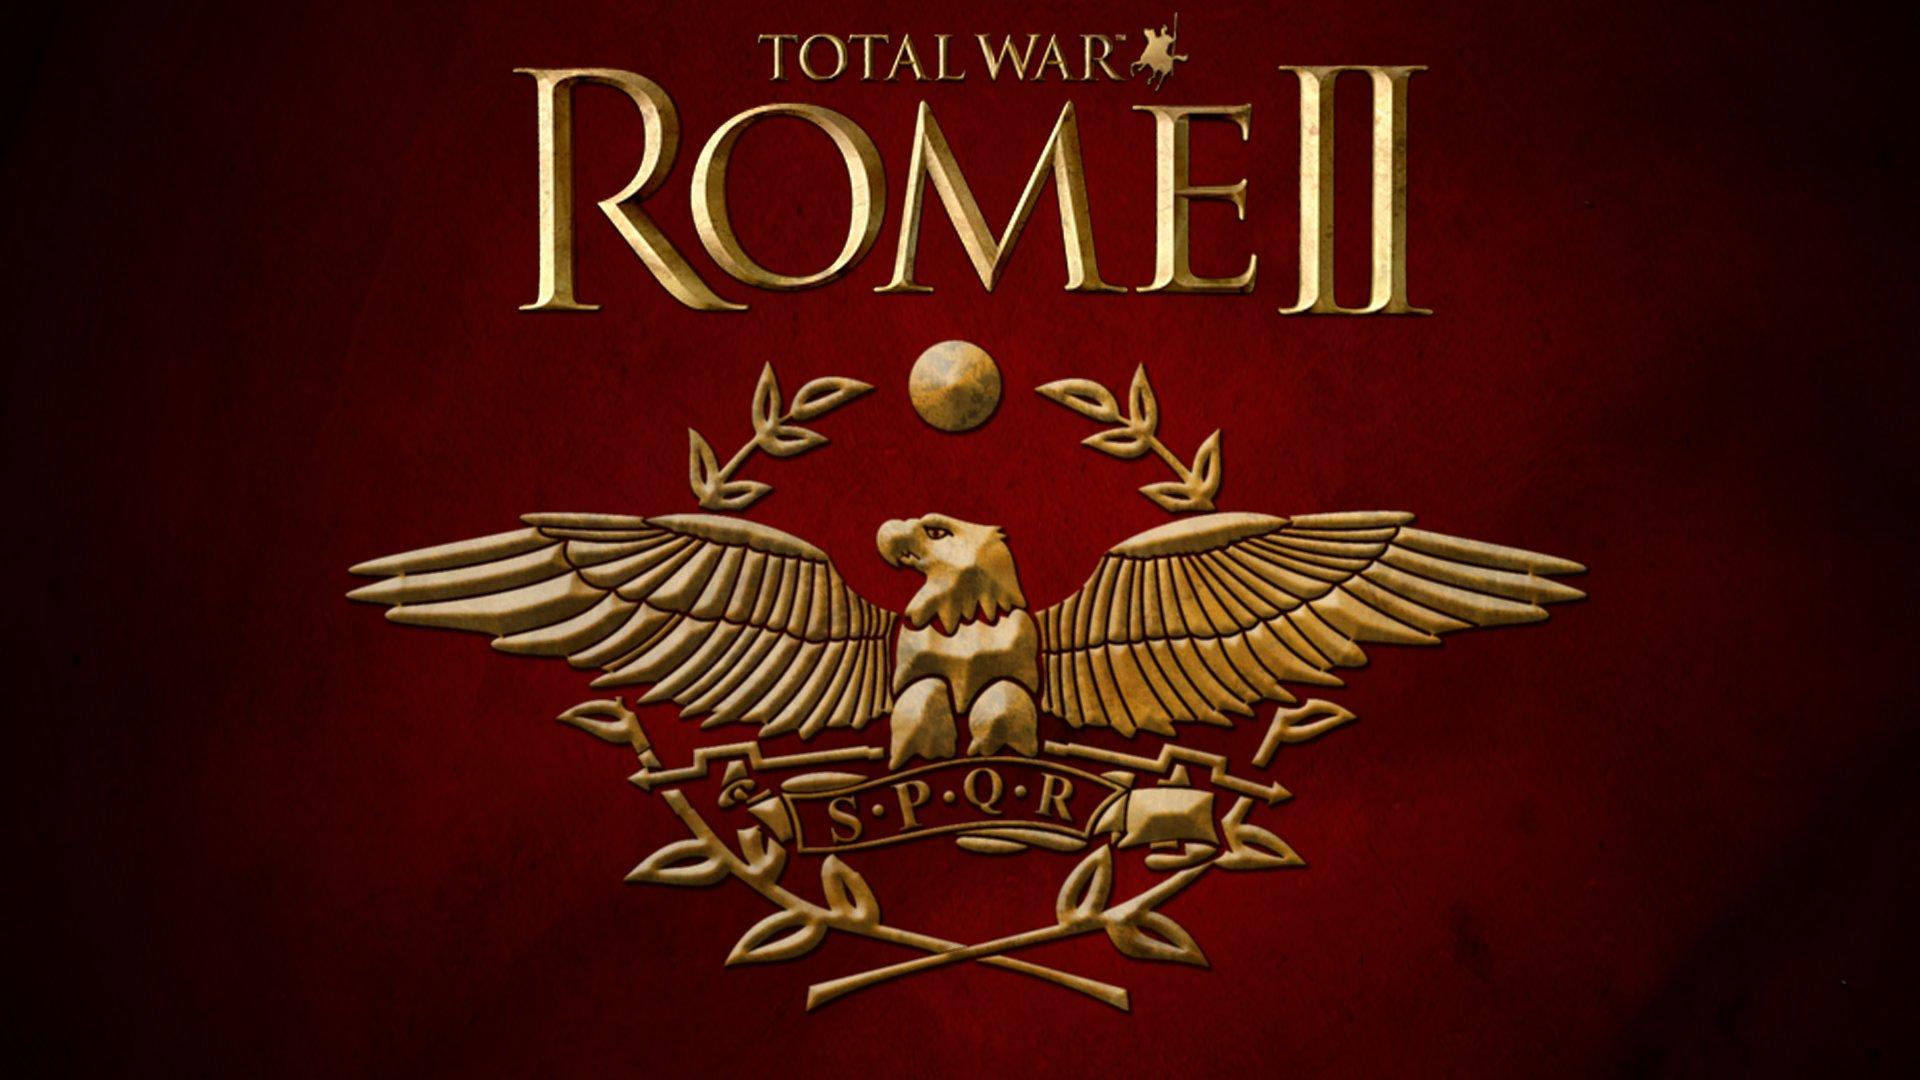 Здравствуйте,тут назрела такая проблема - купил коллекционное издание rome 2 в Англии теперь не могу активировать ег ... - Изображение 1